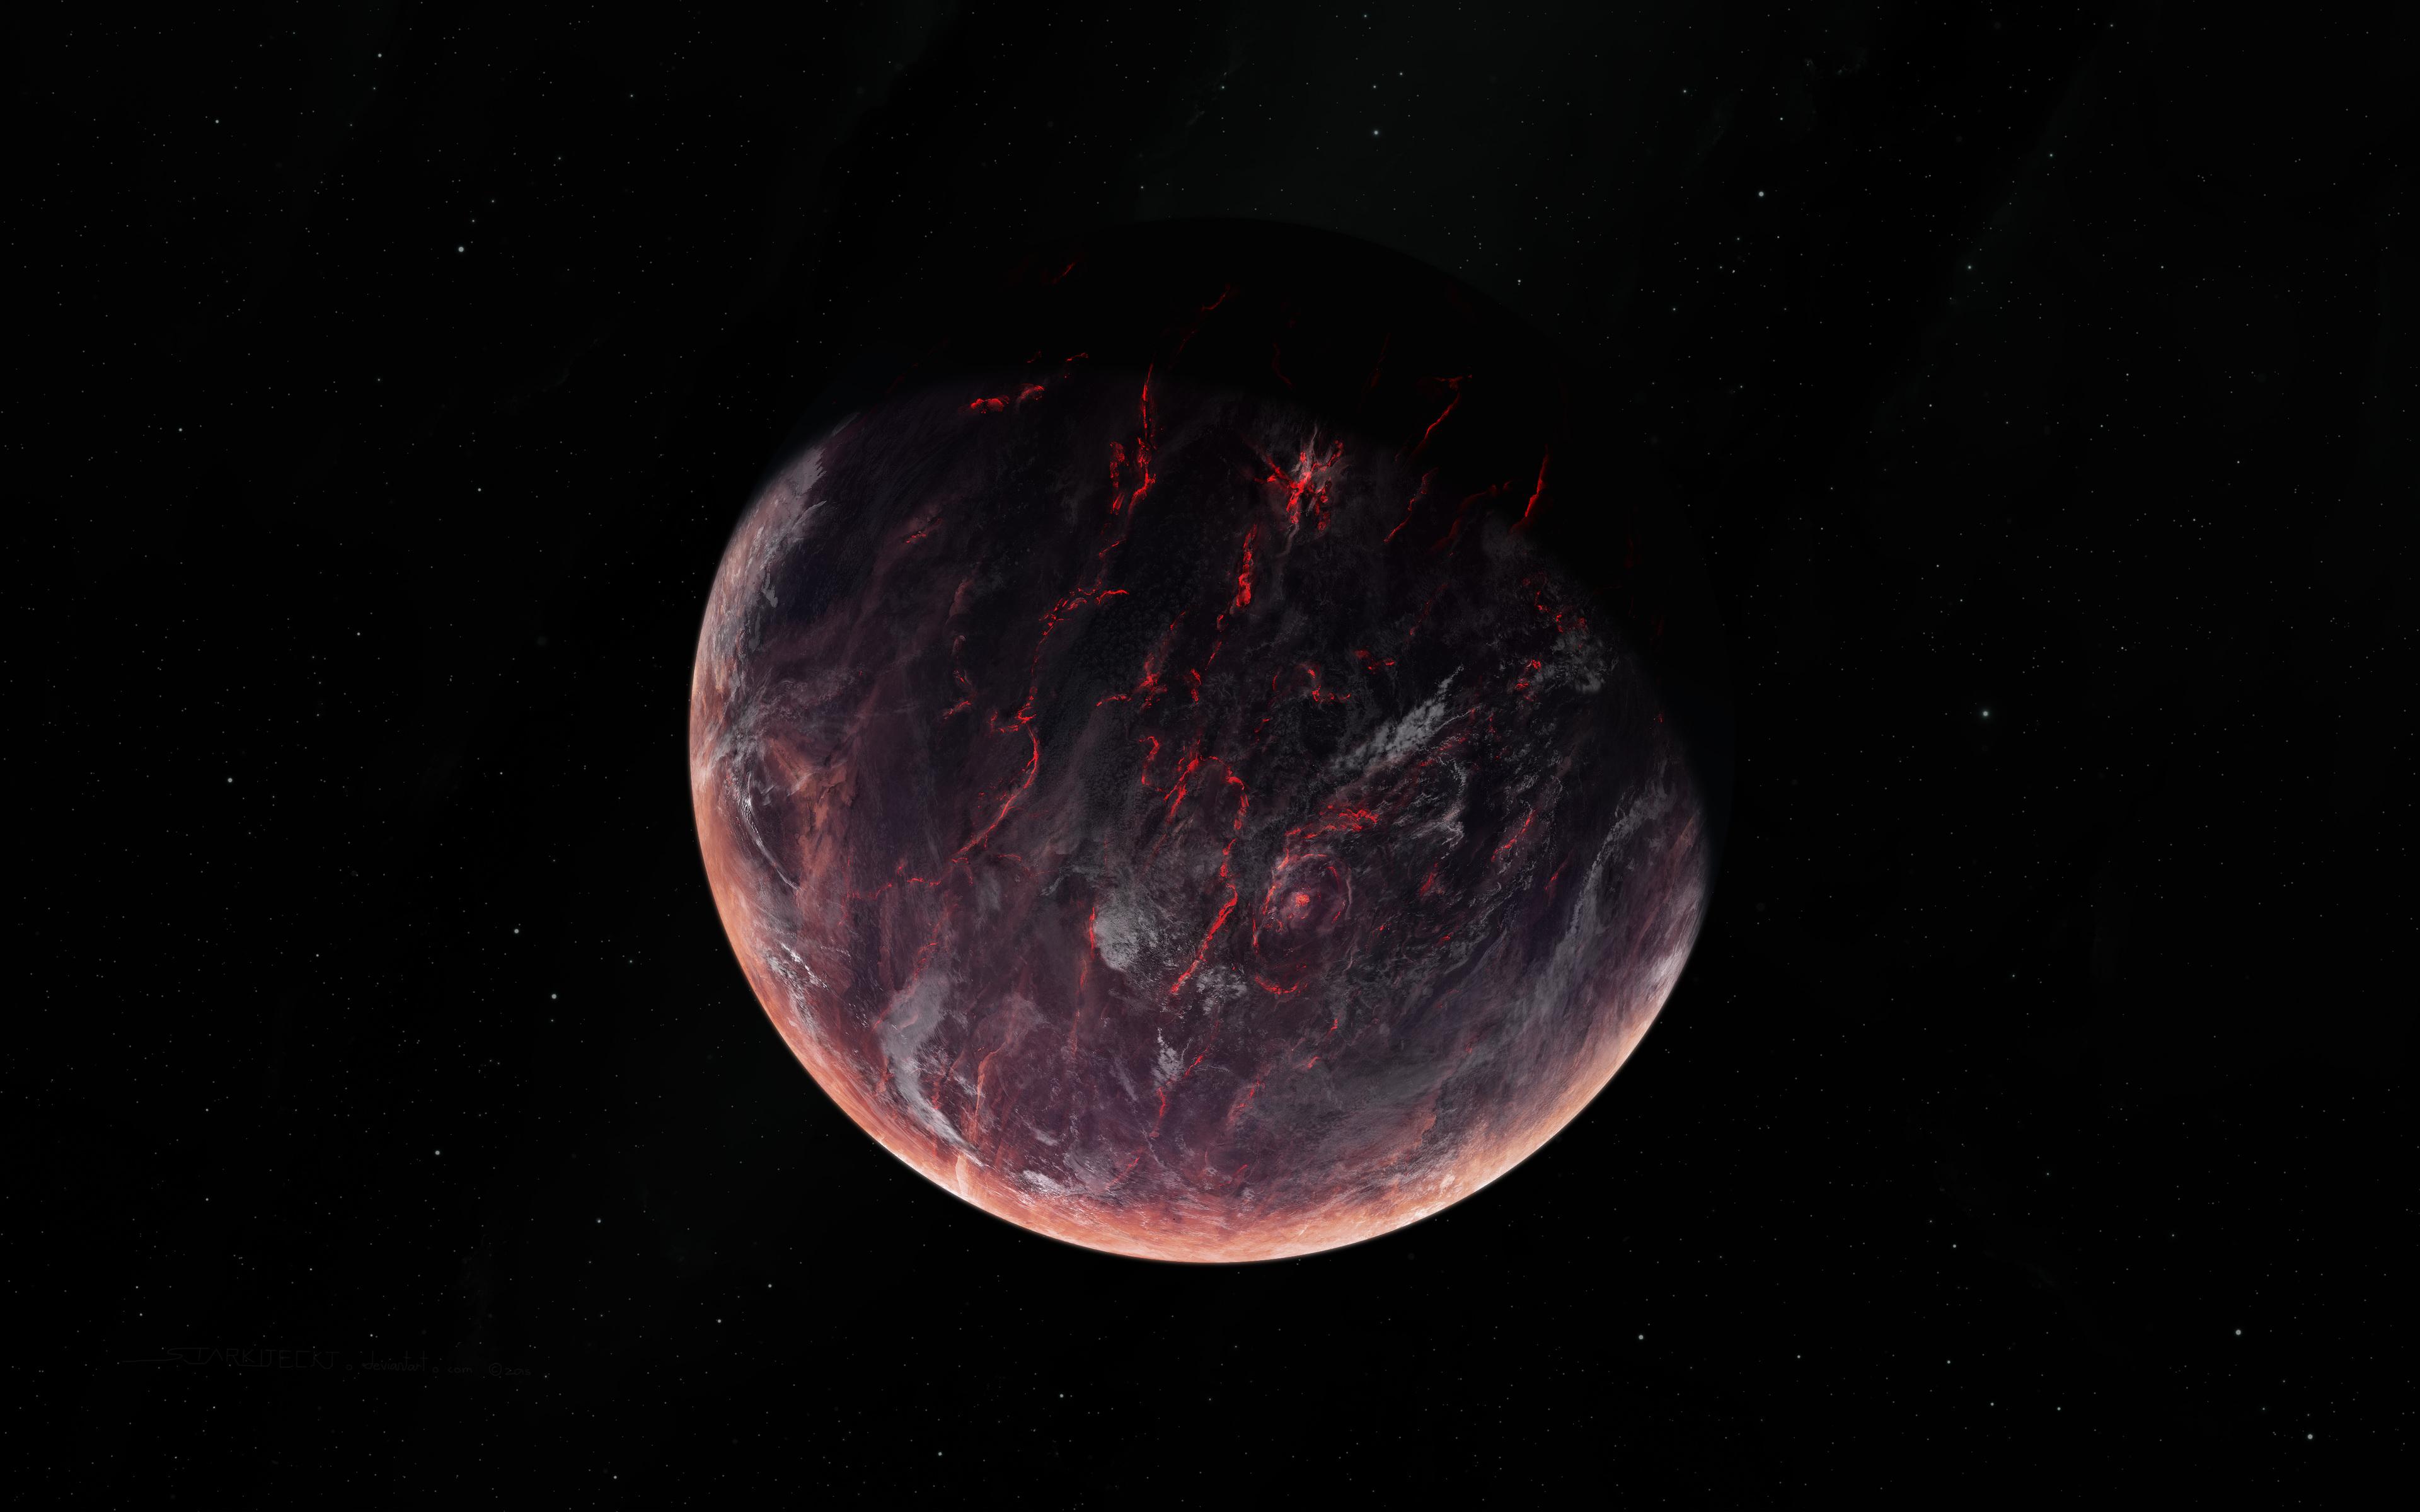 volcano-burning-planet-5k-db.jpg